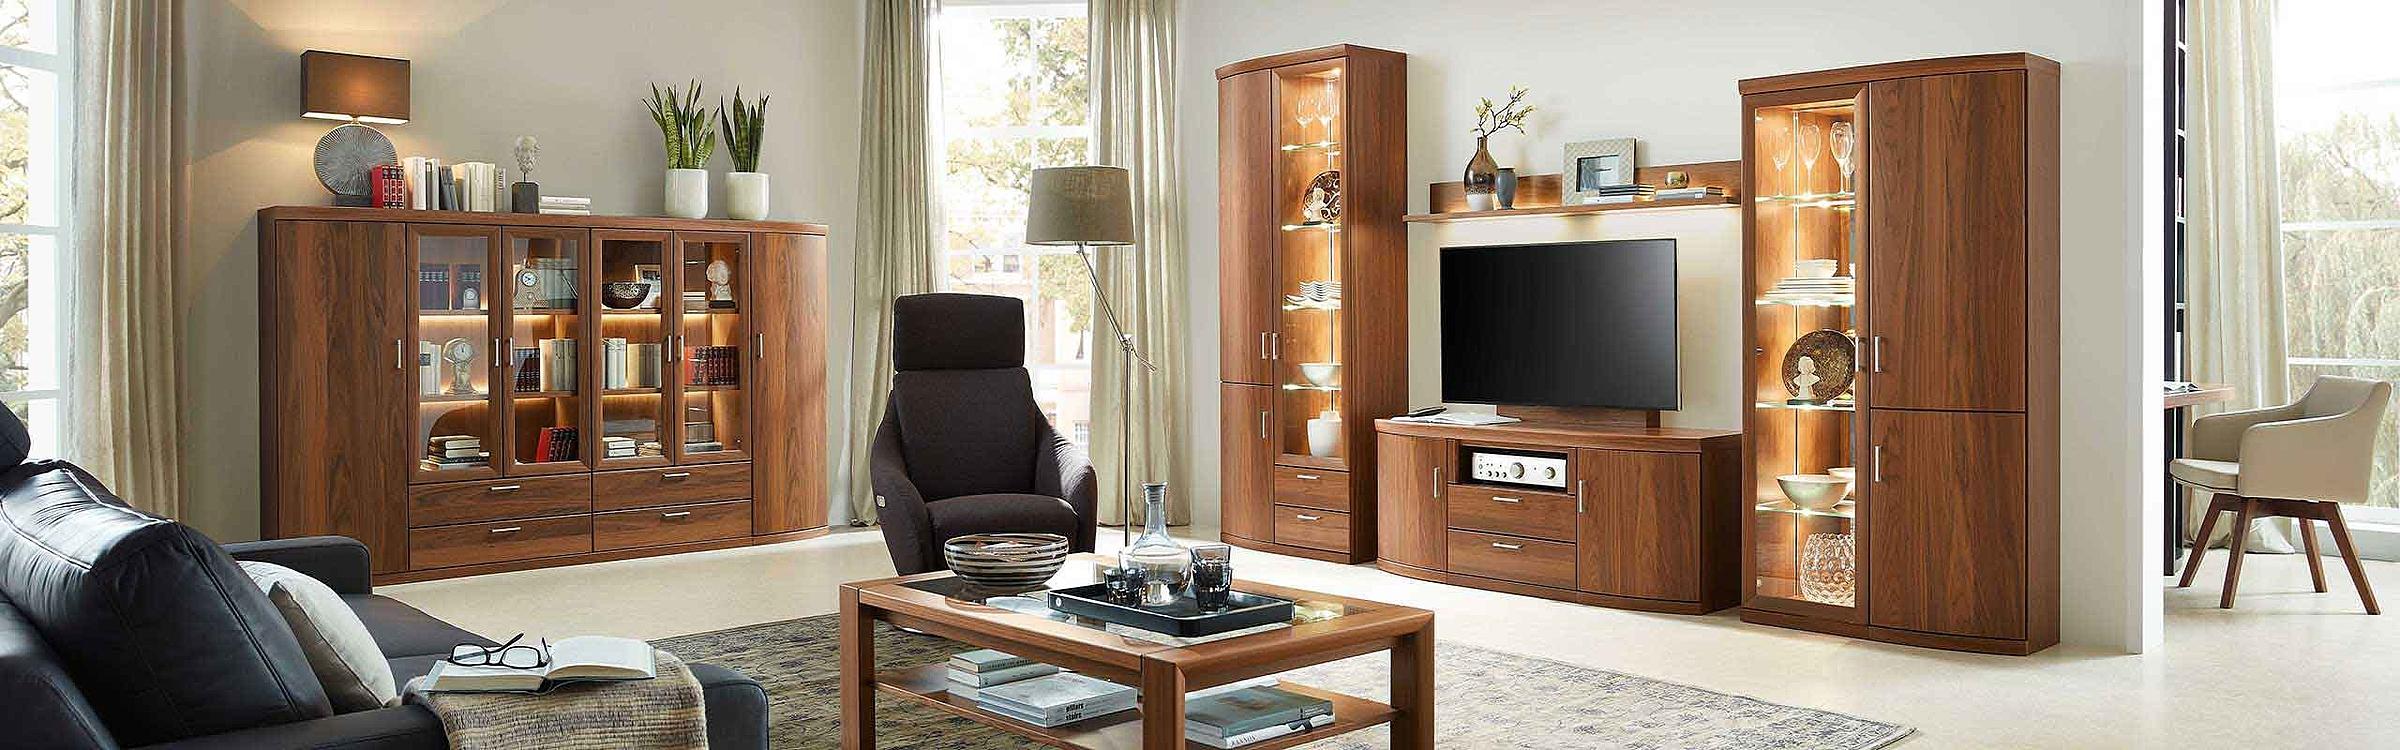 Wohnwand Vitrine Couchtisch Wohnzimmer Malta Holz Nussbaum nova